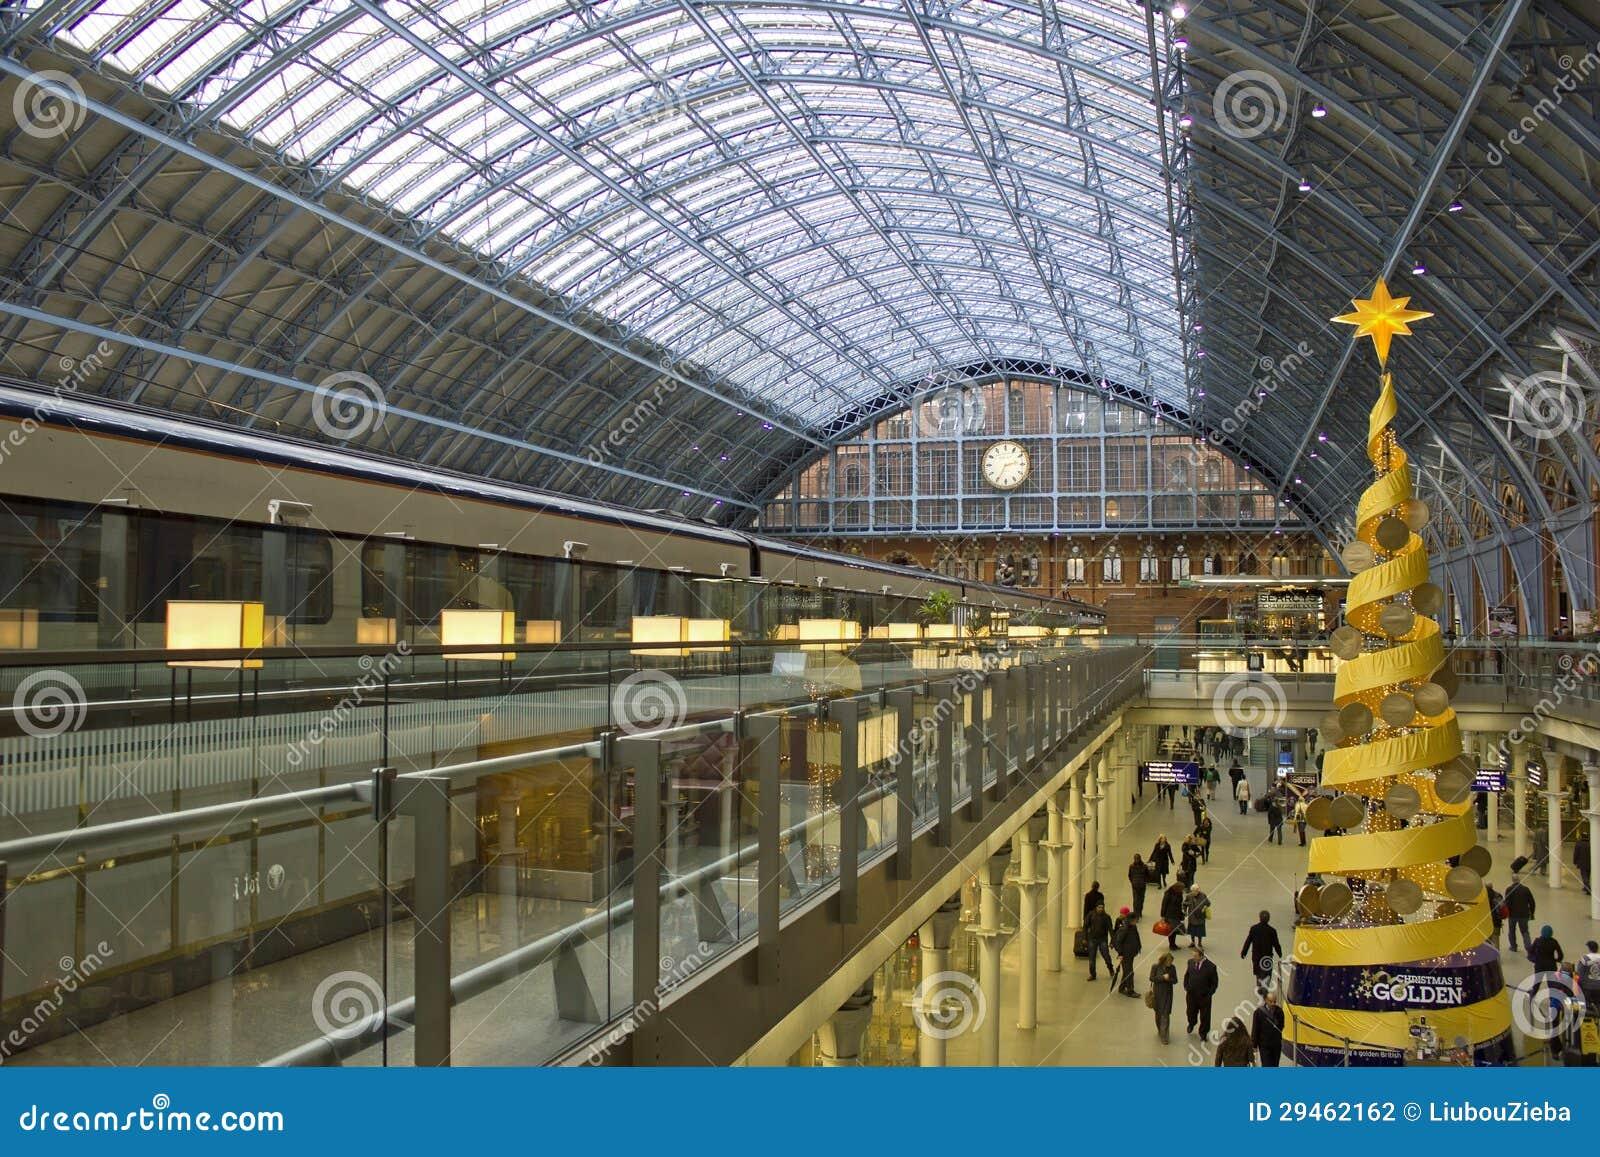 Gare de saint pancras londres angleterre photographie ditorial image 29 - Consigne saint pancras londres ...